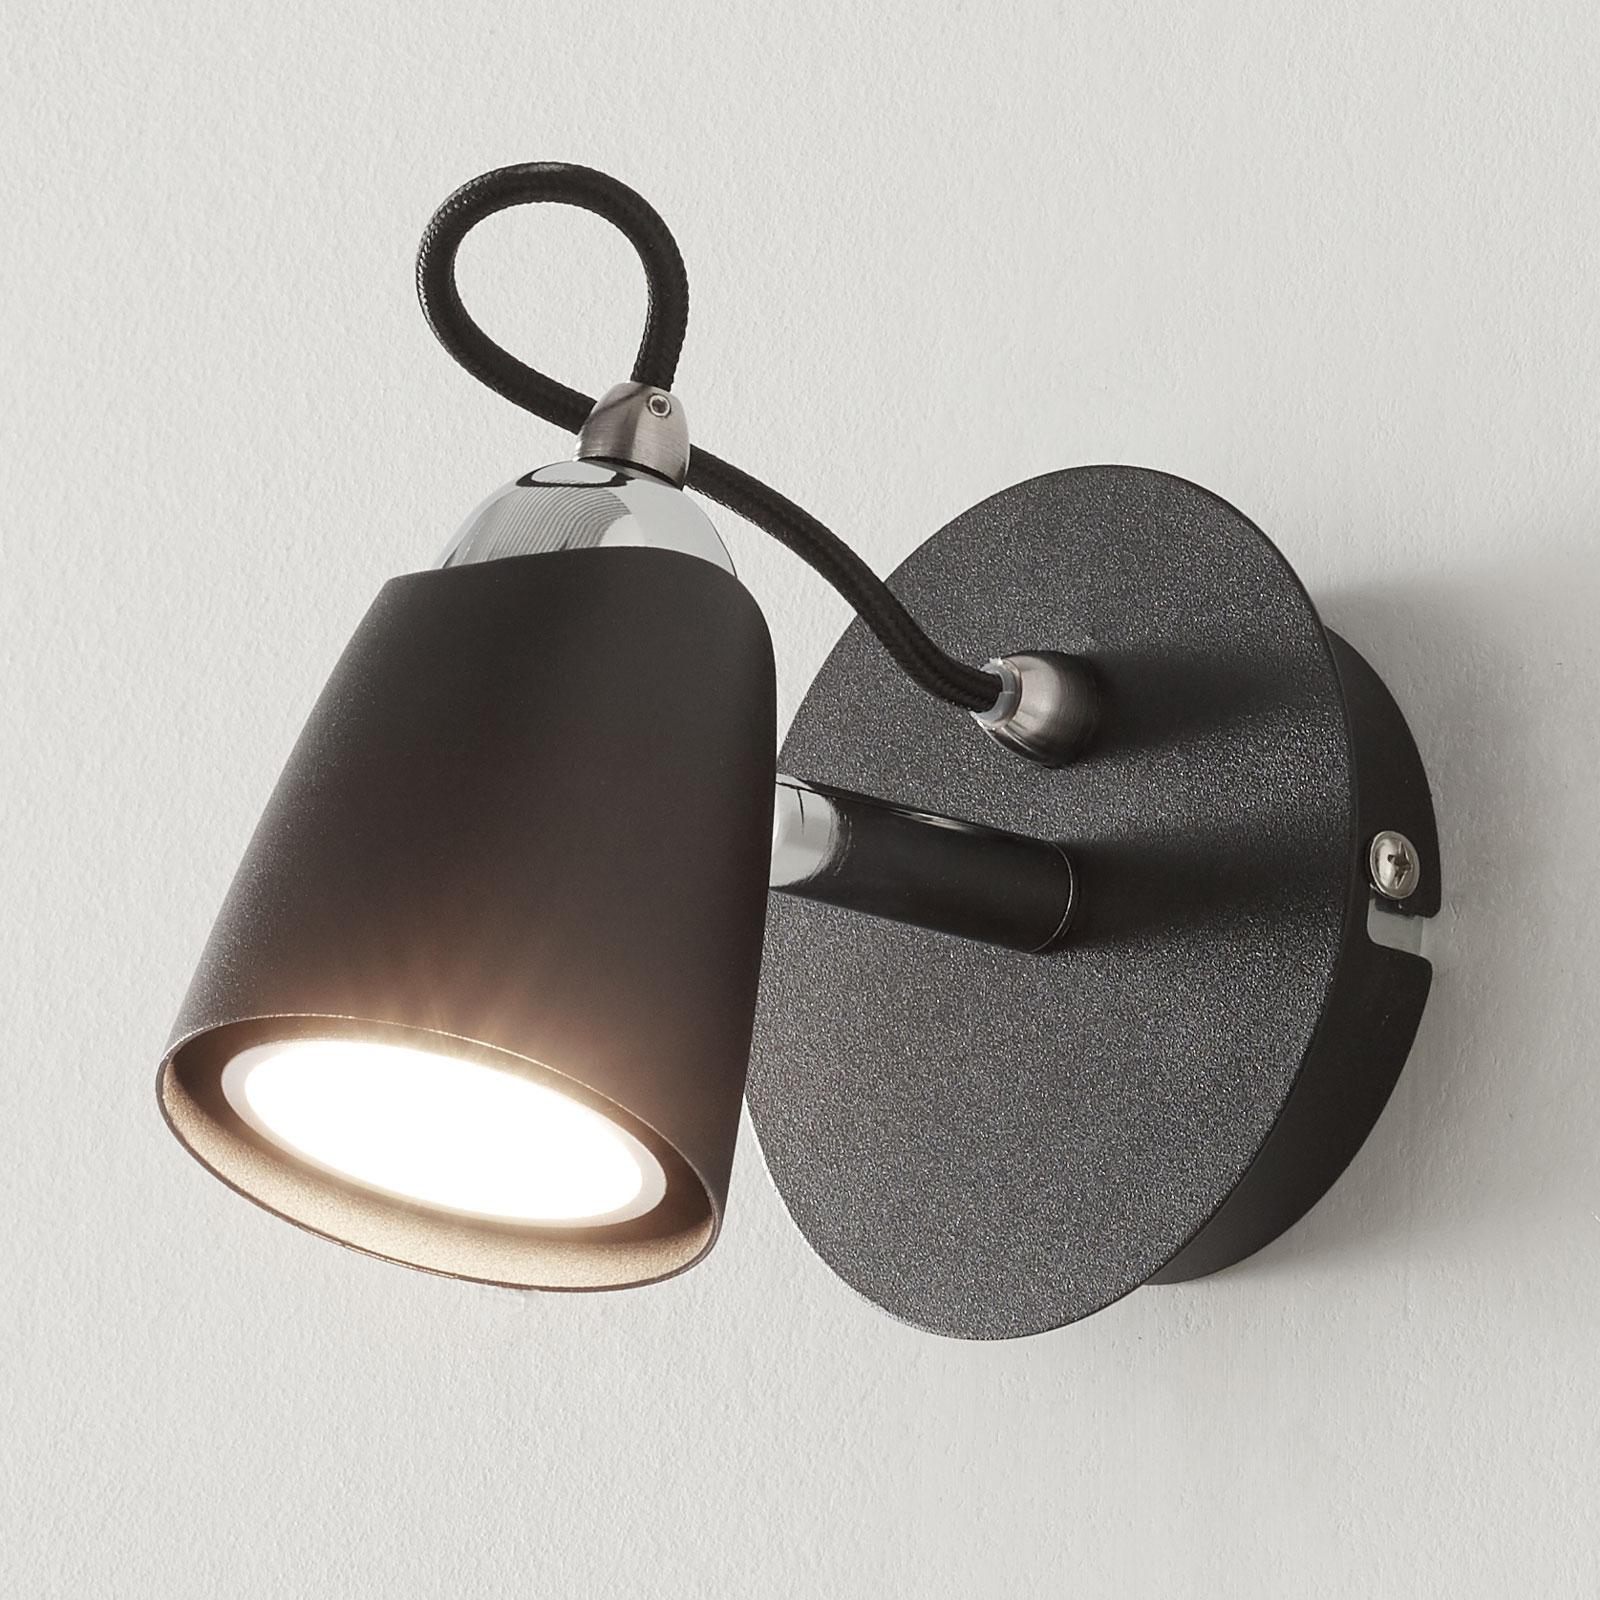 Černé LED bodové osvětlení Marko, nastavitelné